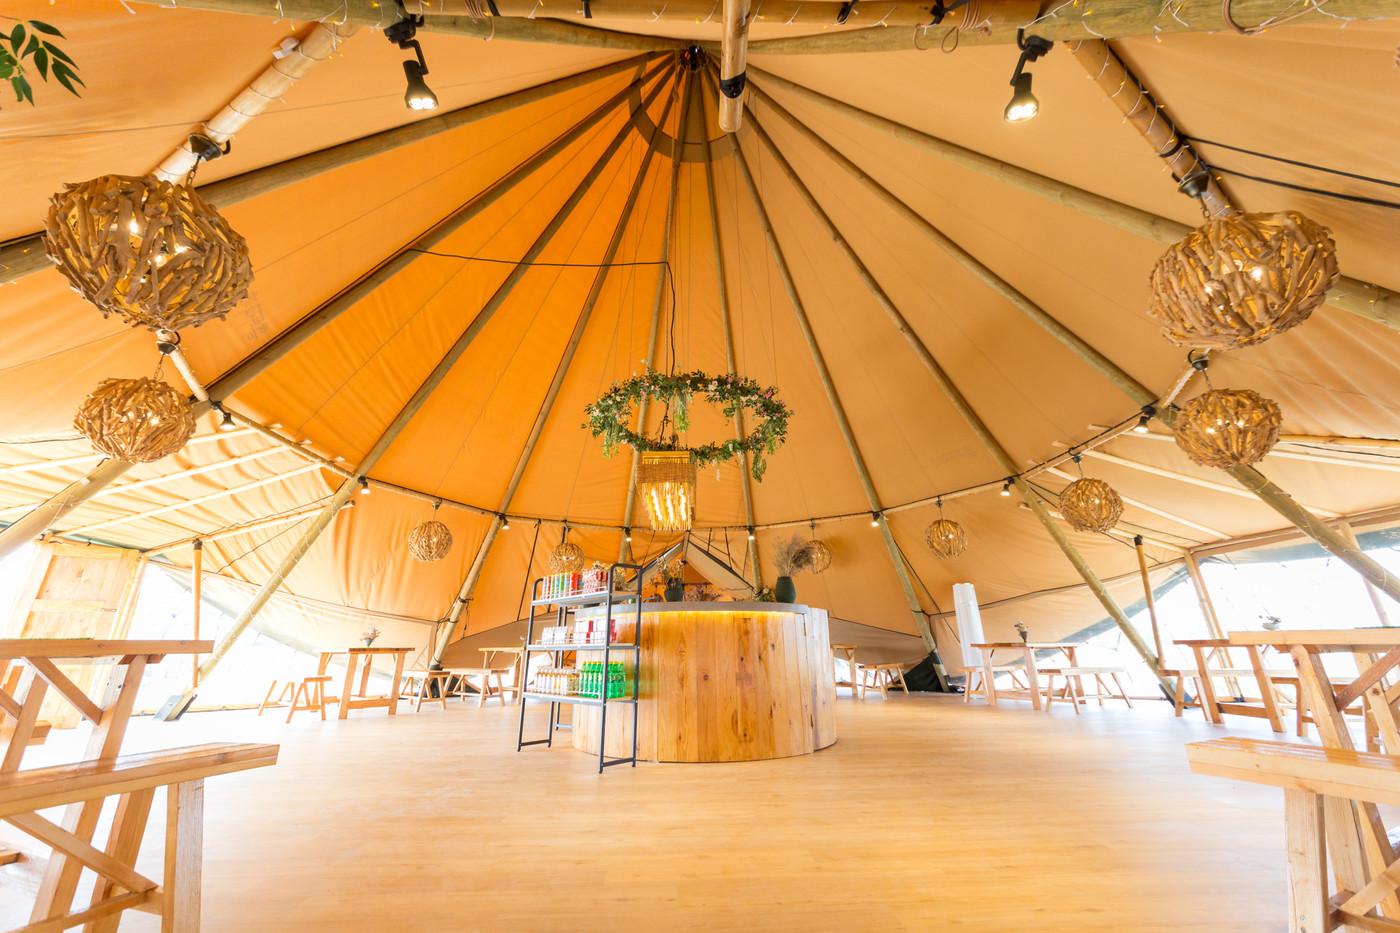 喜马拉雅印第安多功能大厅—淮安白马湖生态旅游度假区25